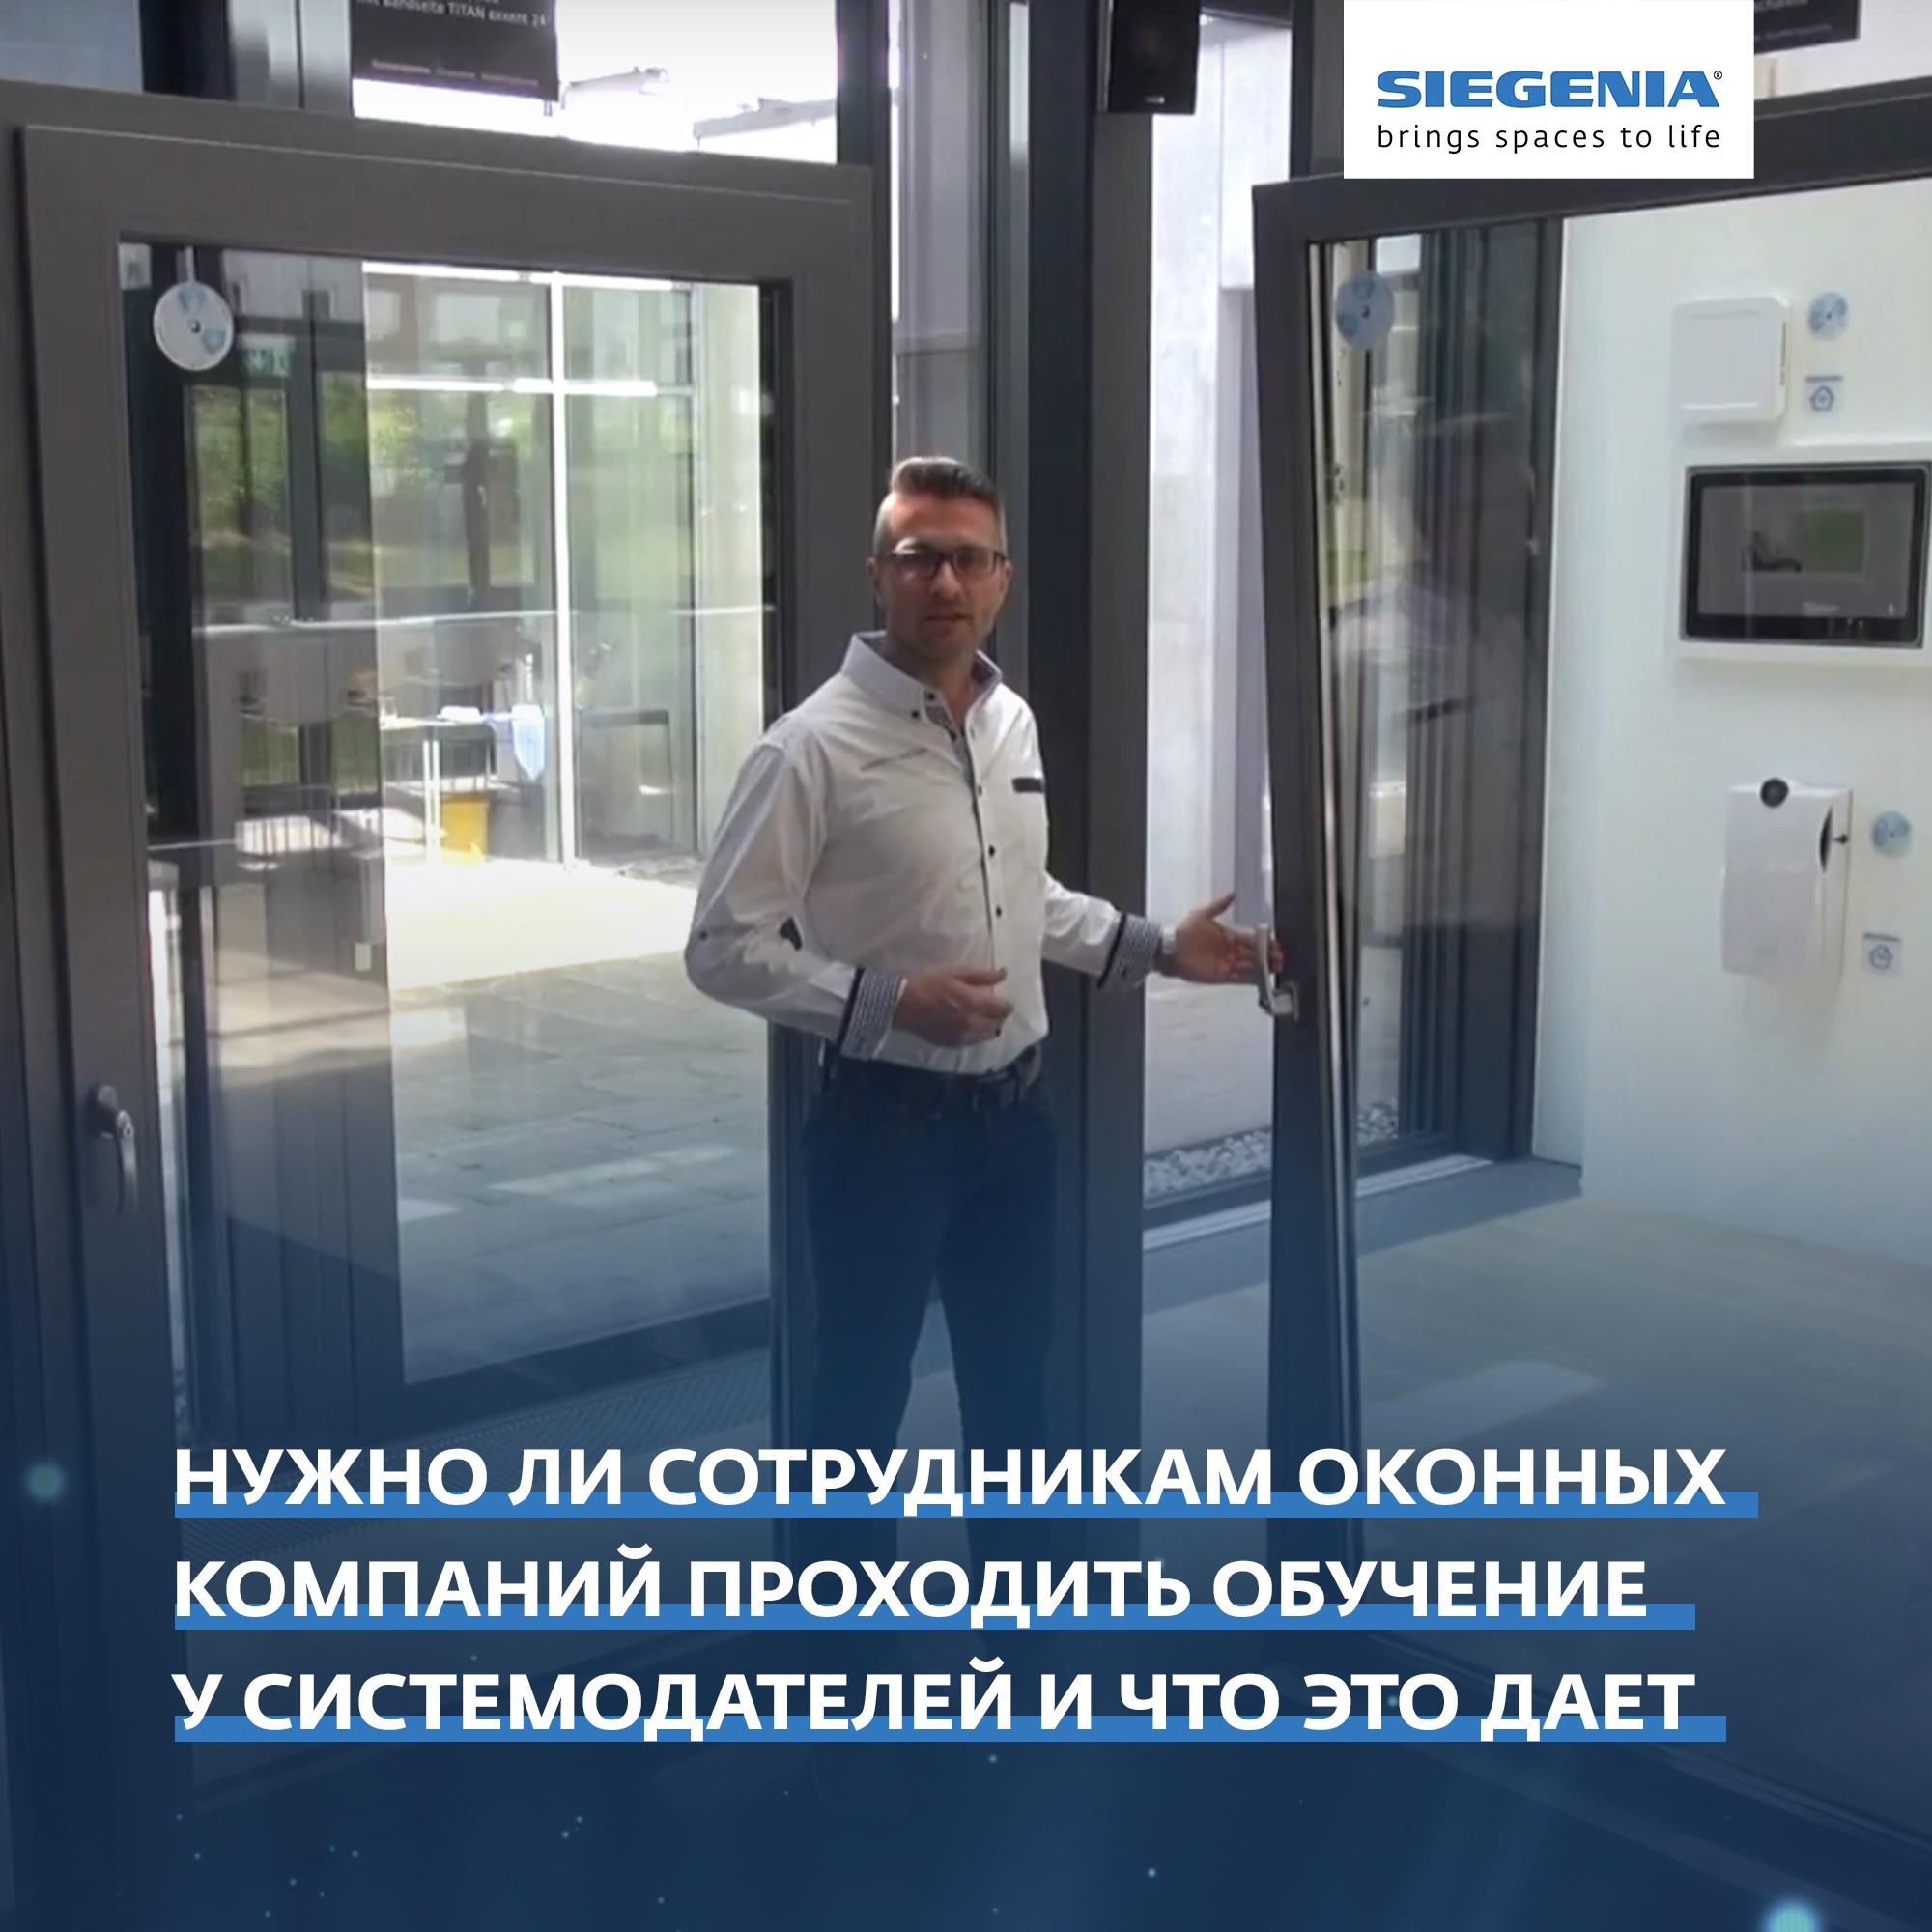 nuzhno-li-sotrudnikam-okonnyh-kompanij-prohodit-obuchenie-u-sistemodatelej-i-chto-ehto-daet